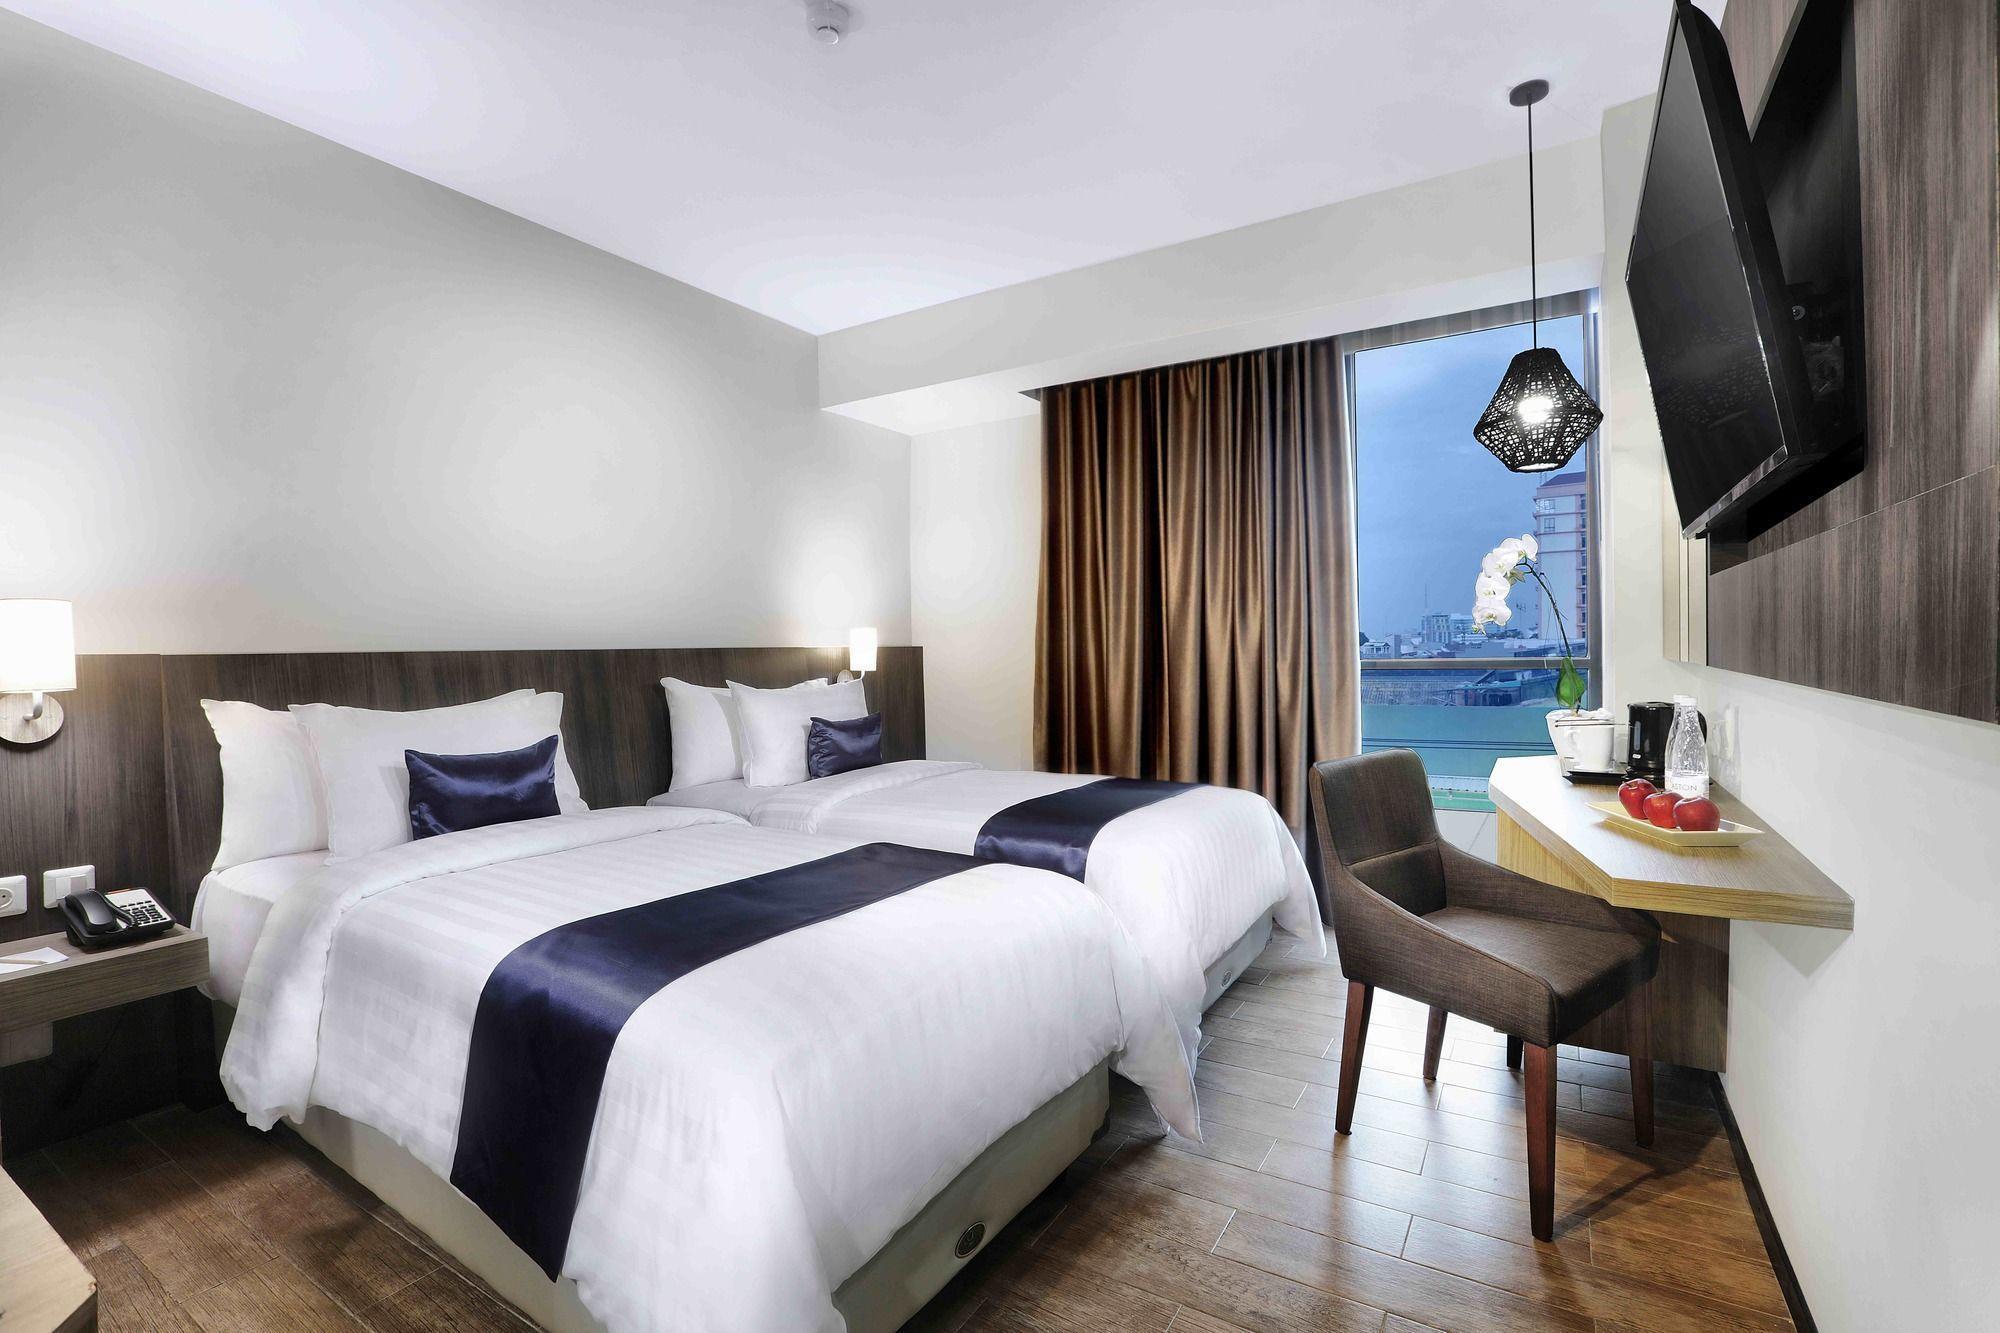 住宿 潘達藍阿斯頓國際度假住宅酒店